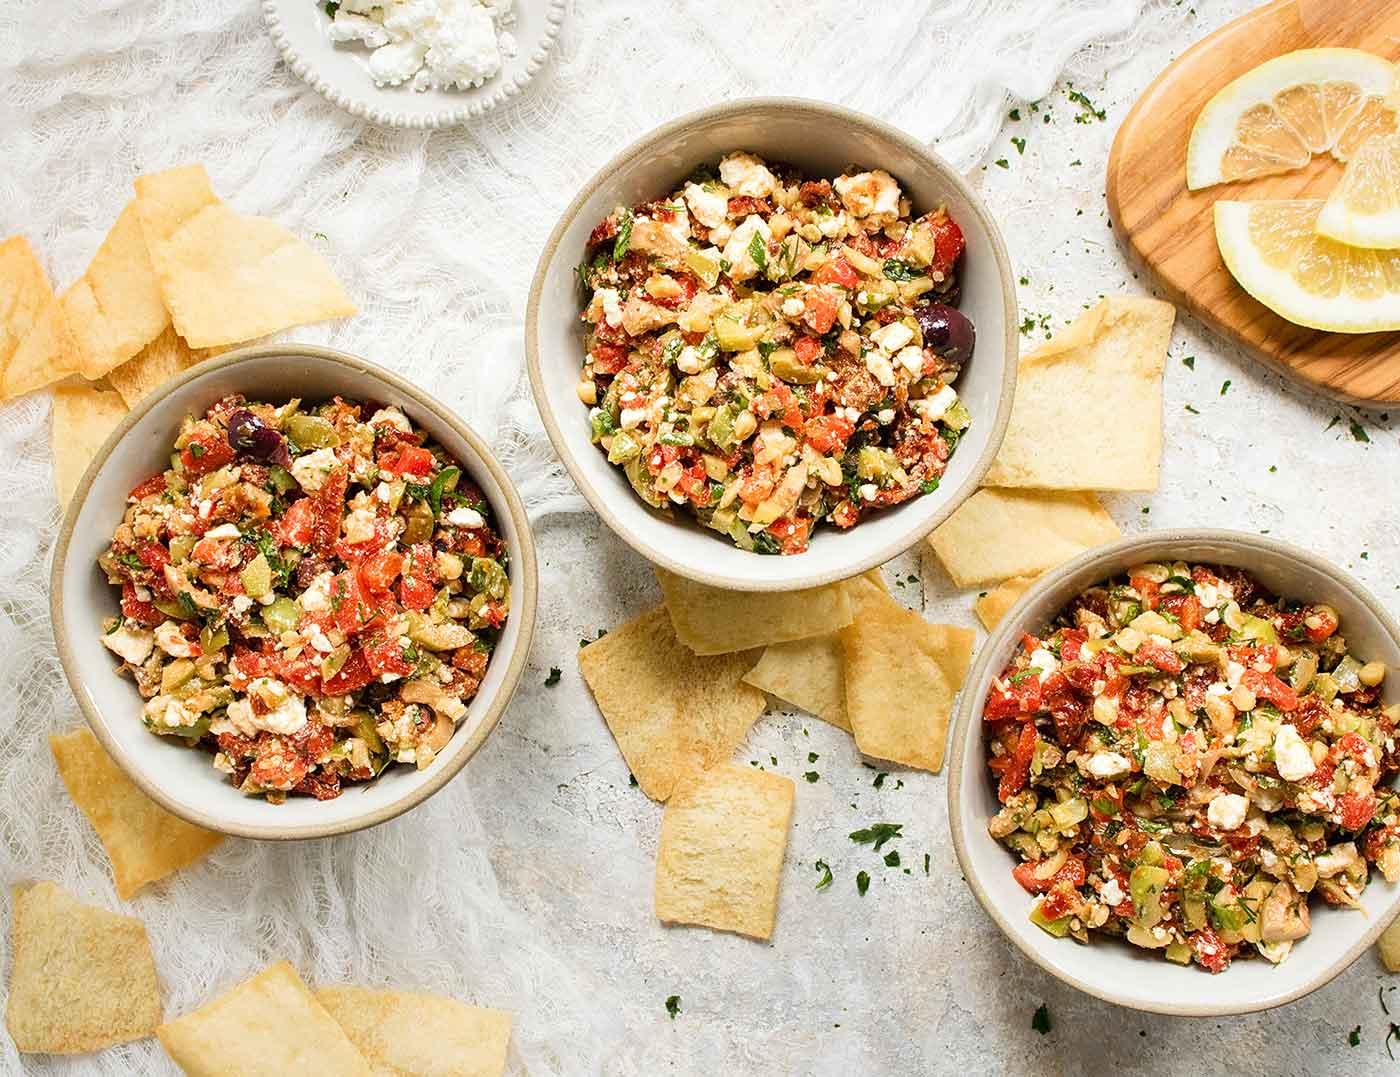 Three bowls of Mediterranean Salsa with pita chips